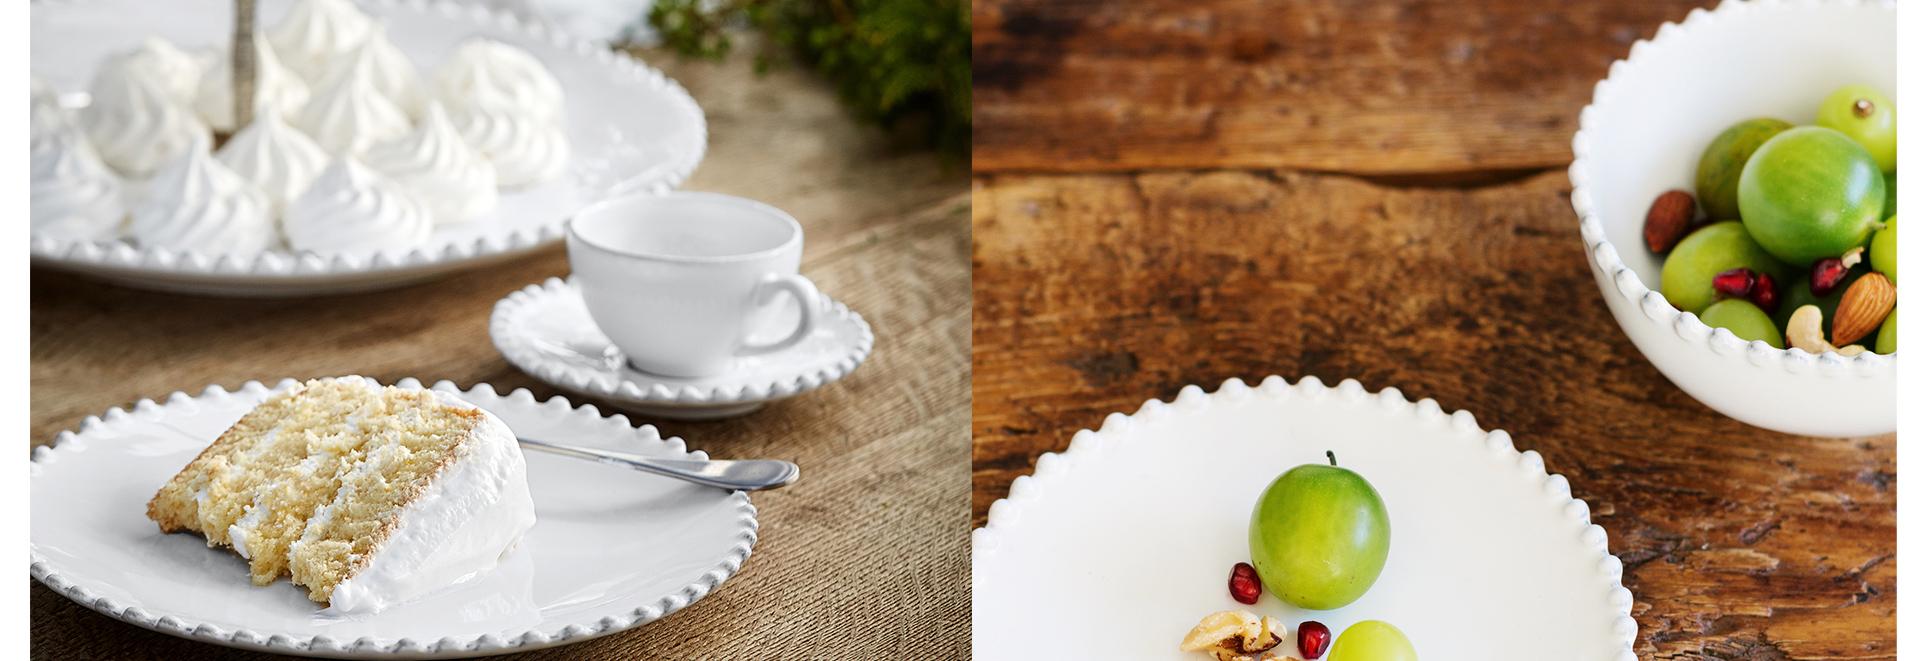 18・19世紀のヨーロッパの豊かな陶器のデザインにインスパイアされたパールシリーズ。パールのような粒がお皿のエッジを飾ります。